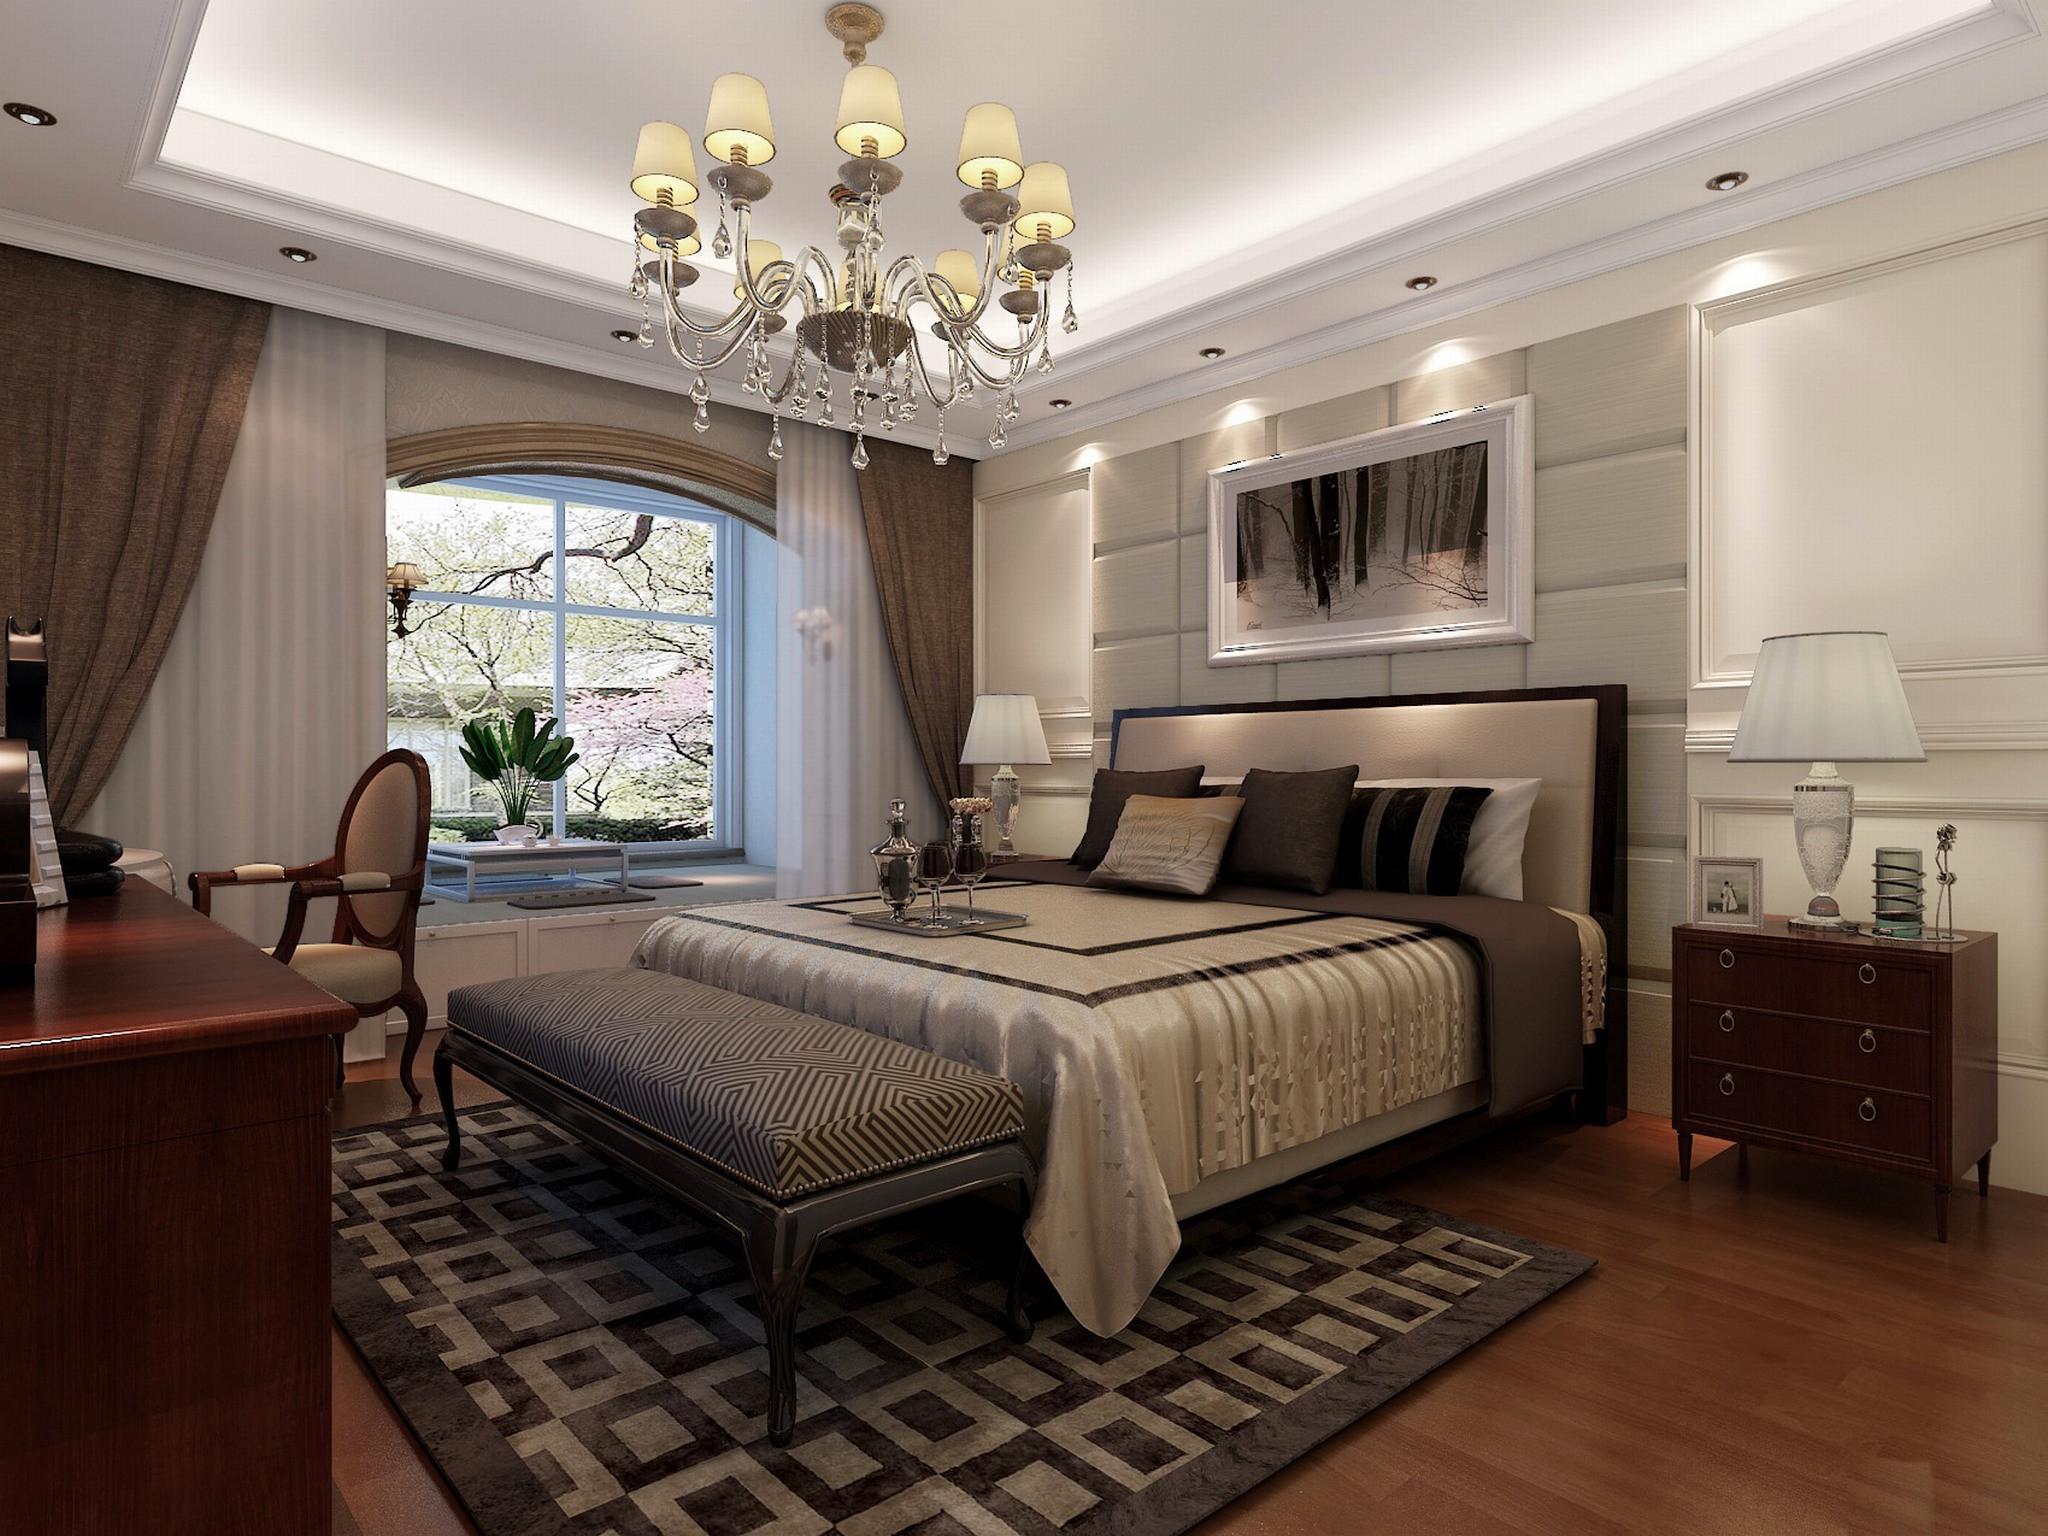 案例说明:奢华是每个成功人士的梦想,但每个人对奢华的概念是不同的,本套作品客户对造价的要求比较充裕,希望能做出不落俗套的优雅的简欧奢华感居室。我把许多真正能够带来舒适感的设备引入他的房子,在忠于新古典风格的同时,融入适当的现代感,使作品表现出二十一世纪的古典。